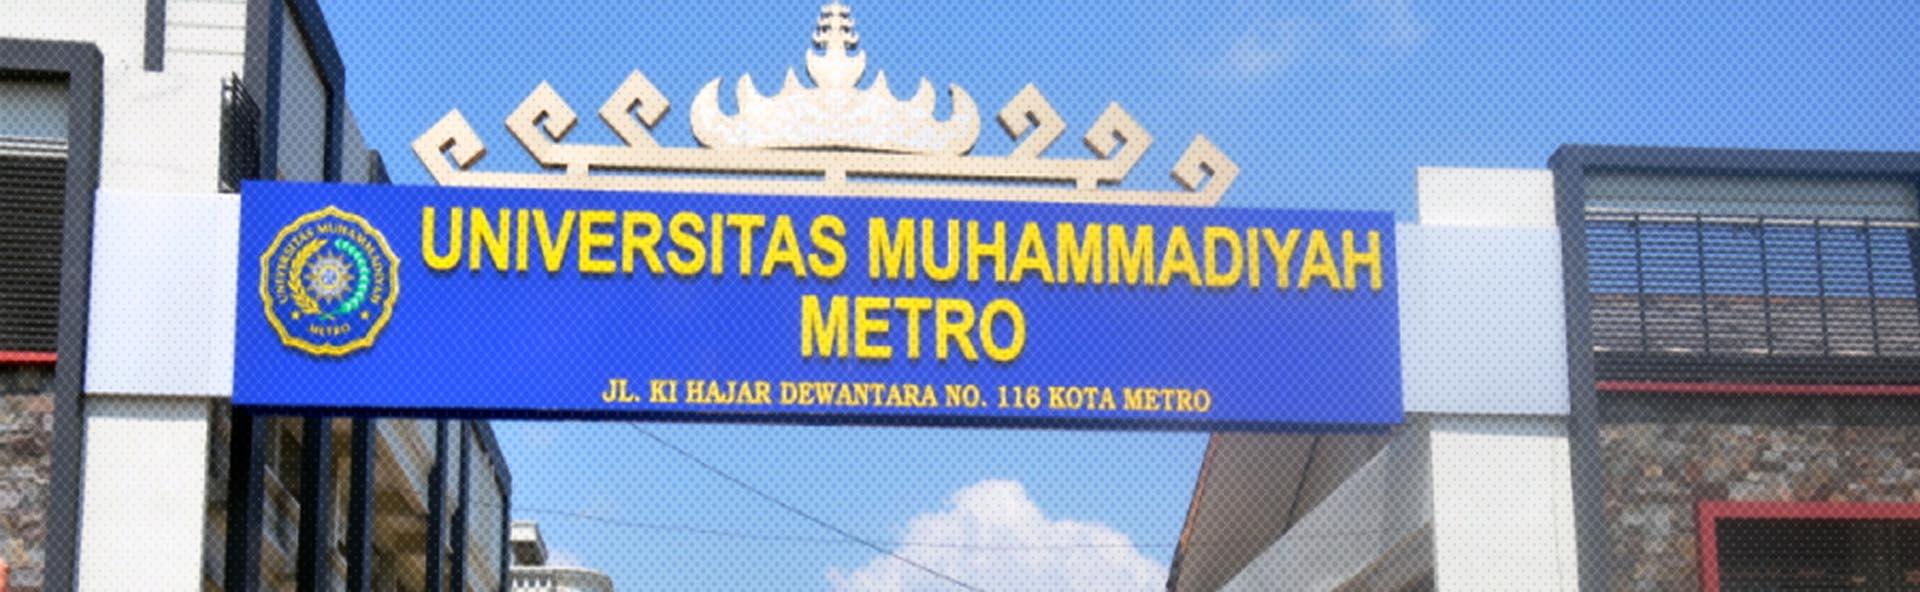 Universitas Muhammadiyah Metro